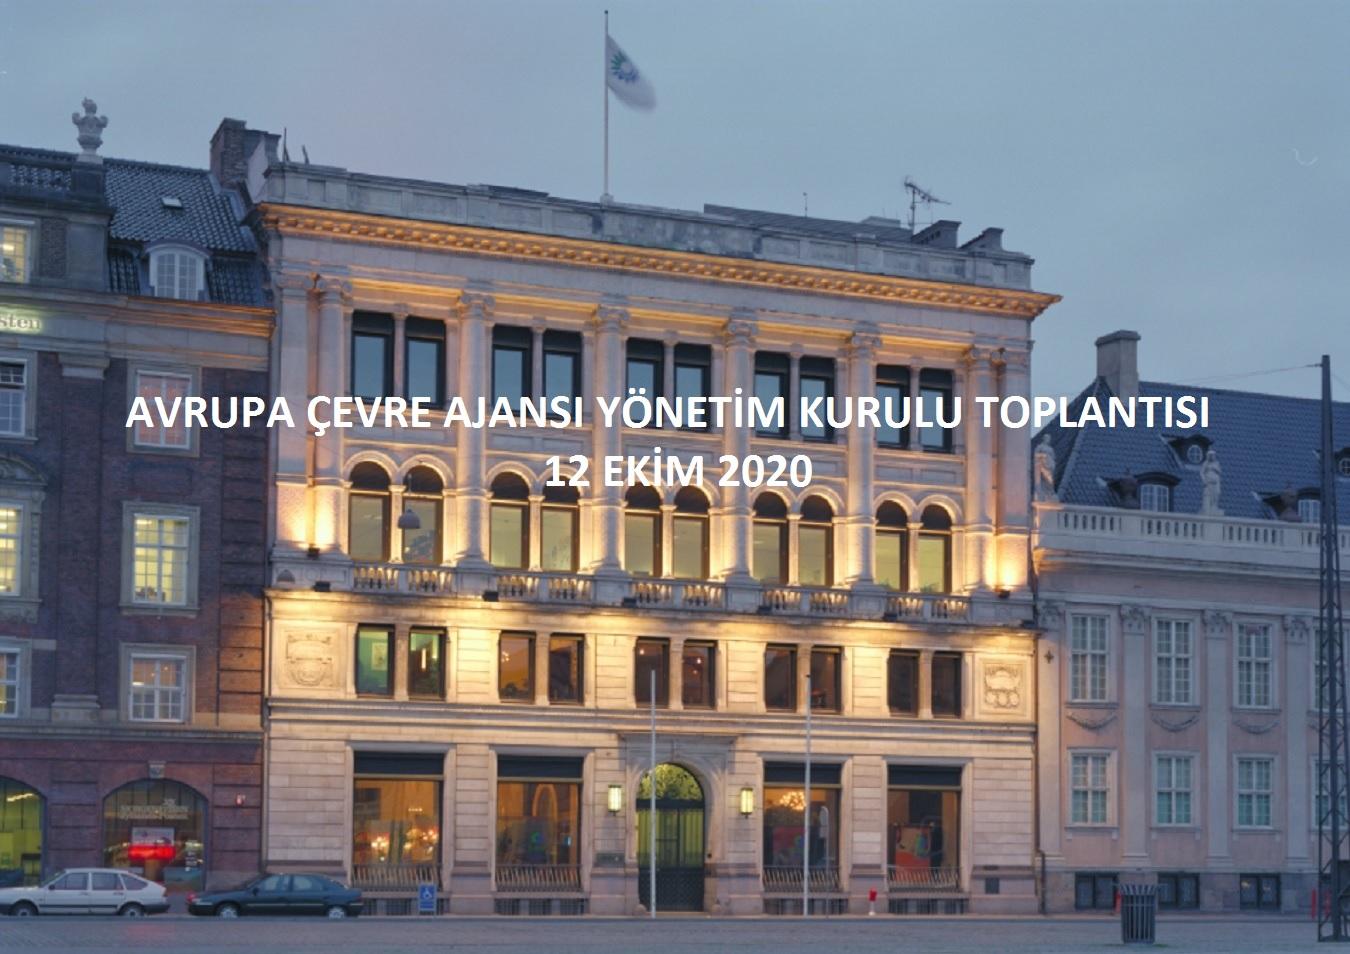 Avrupa Çevre Ajansı (AÇA) 89. Yönetim Kurulu Toplantısı 12 Ekim 2020 tarihinde çevrimiçi olarak gerçekleştirilmiştir.